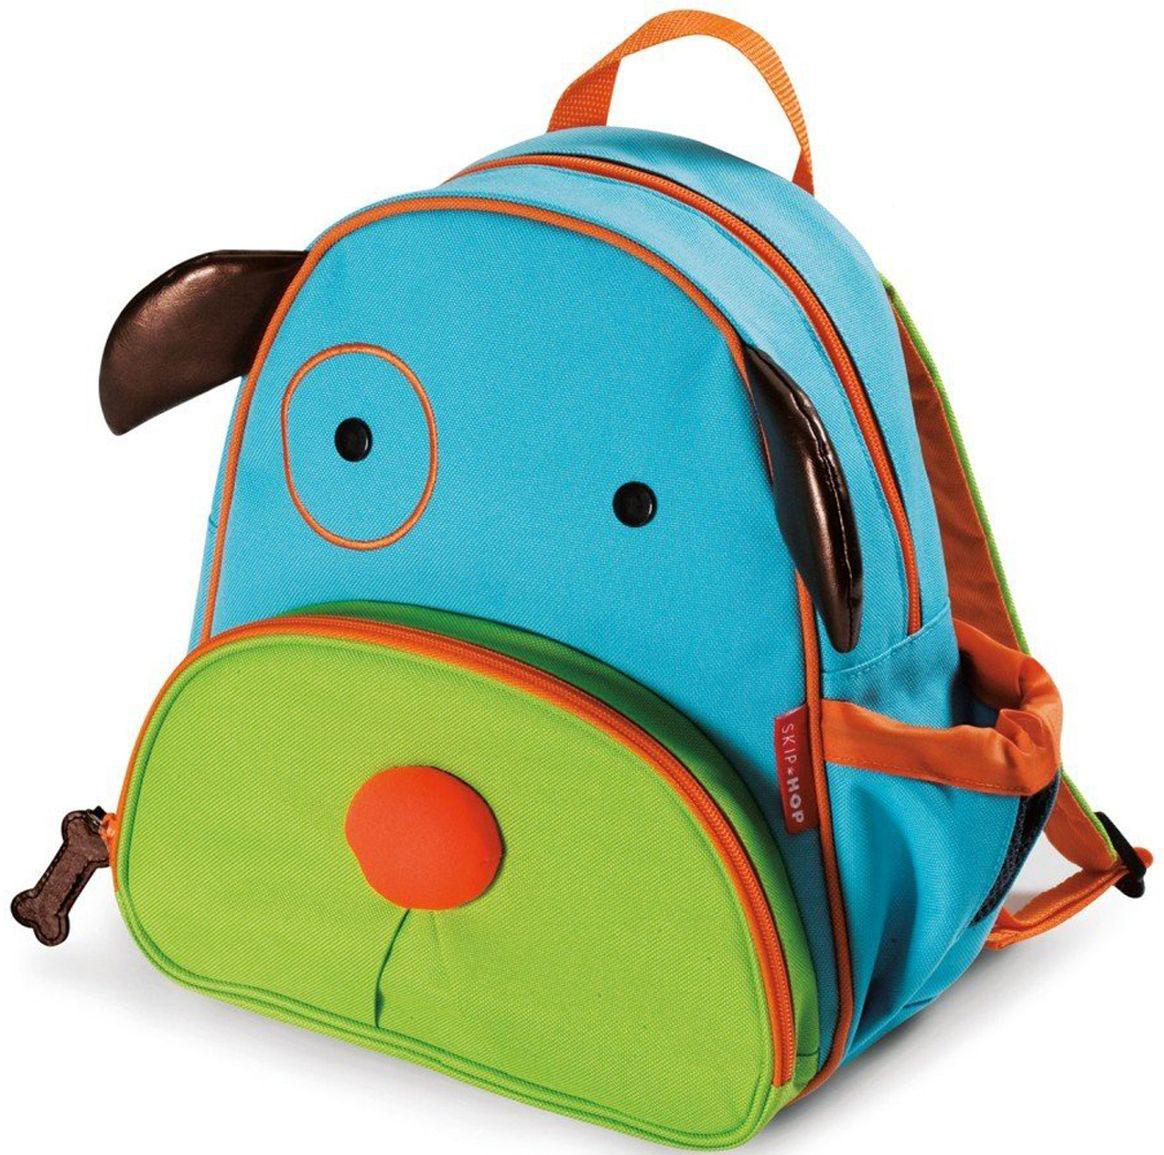 SkipHop Рюкзак дошкольный Собака72523WDРюкзачок Skip Hop Zoo Pack каждый день будет радовать вашего малыша, вызывать улыбки у прохожих и зависть у сверстников. С ним можно ходить в детский сад, спортивные секции, на прогулку, в гости к бабушке или ездить на экскурсии. В основной отсек легко поместится книжка, альбом для рисования, краски, фломастеры, любимая игрушка и контейнер с едой, а специальный кармашек сбоку предназначен специально для бутылочки с водой. Передний кармашек на молнии предназначен для мелких вещичек. Внутренний кармашек на резиночке зафиксирует положение содержимого: не даст выпасть фломастерам или сломаться киндер-сюрпризу. Рюкзачок выполнен из прочной ткани, способной выдерживать бесконечное количество стирок в машинке. Лямки рюкзачка мягкие, регулируемые. • Размер: 11 x 25 х 29 см. • Для детей с 3 лет.